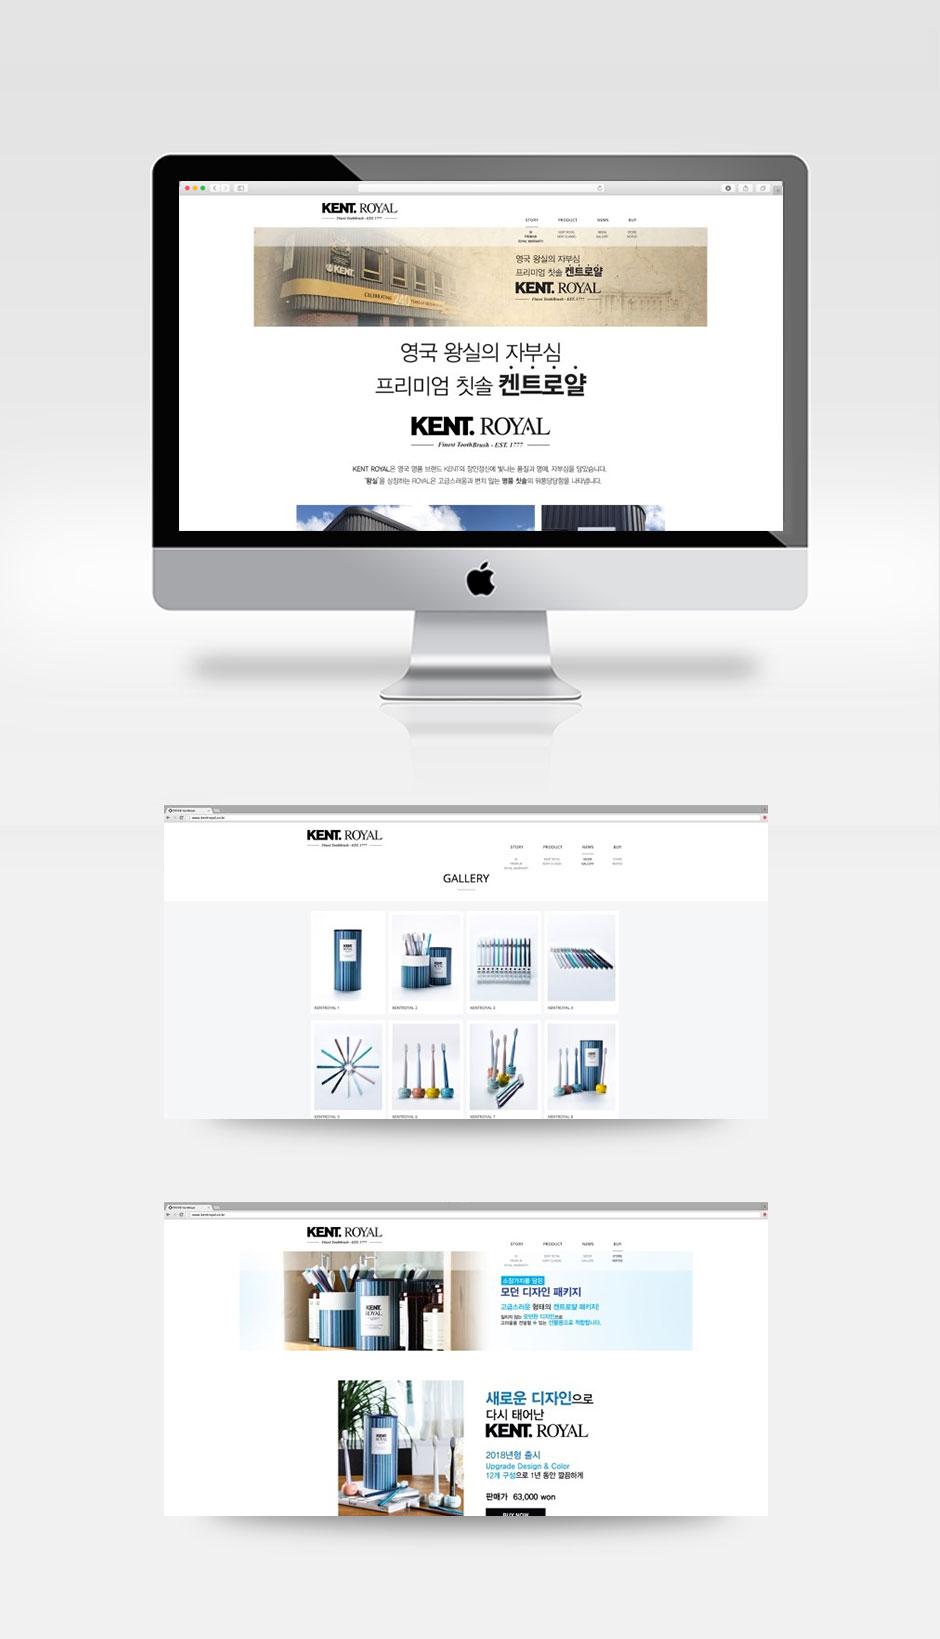 KENT-ROYAL-toothbrush-website